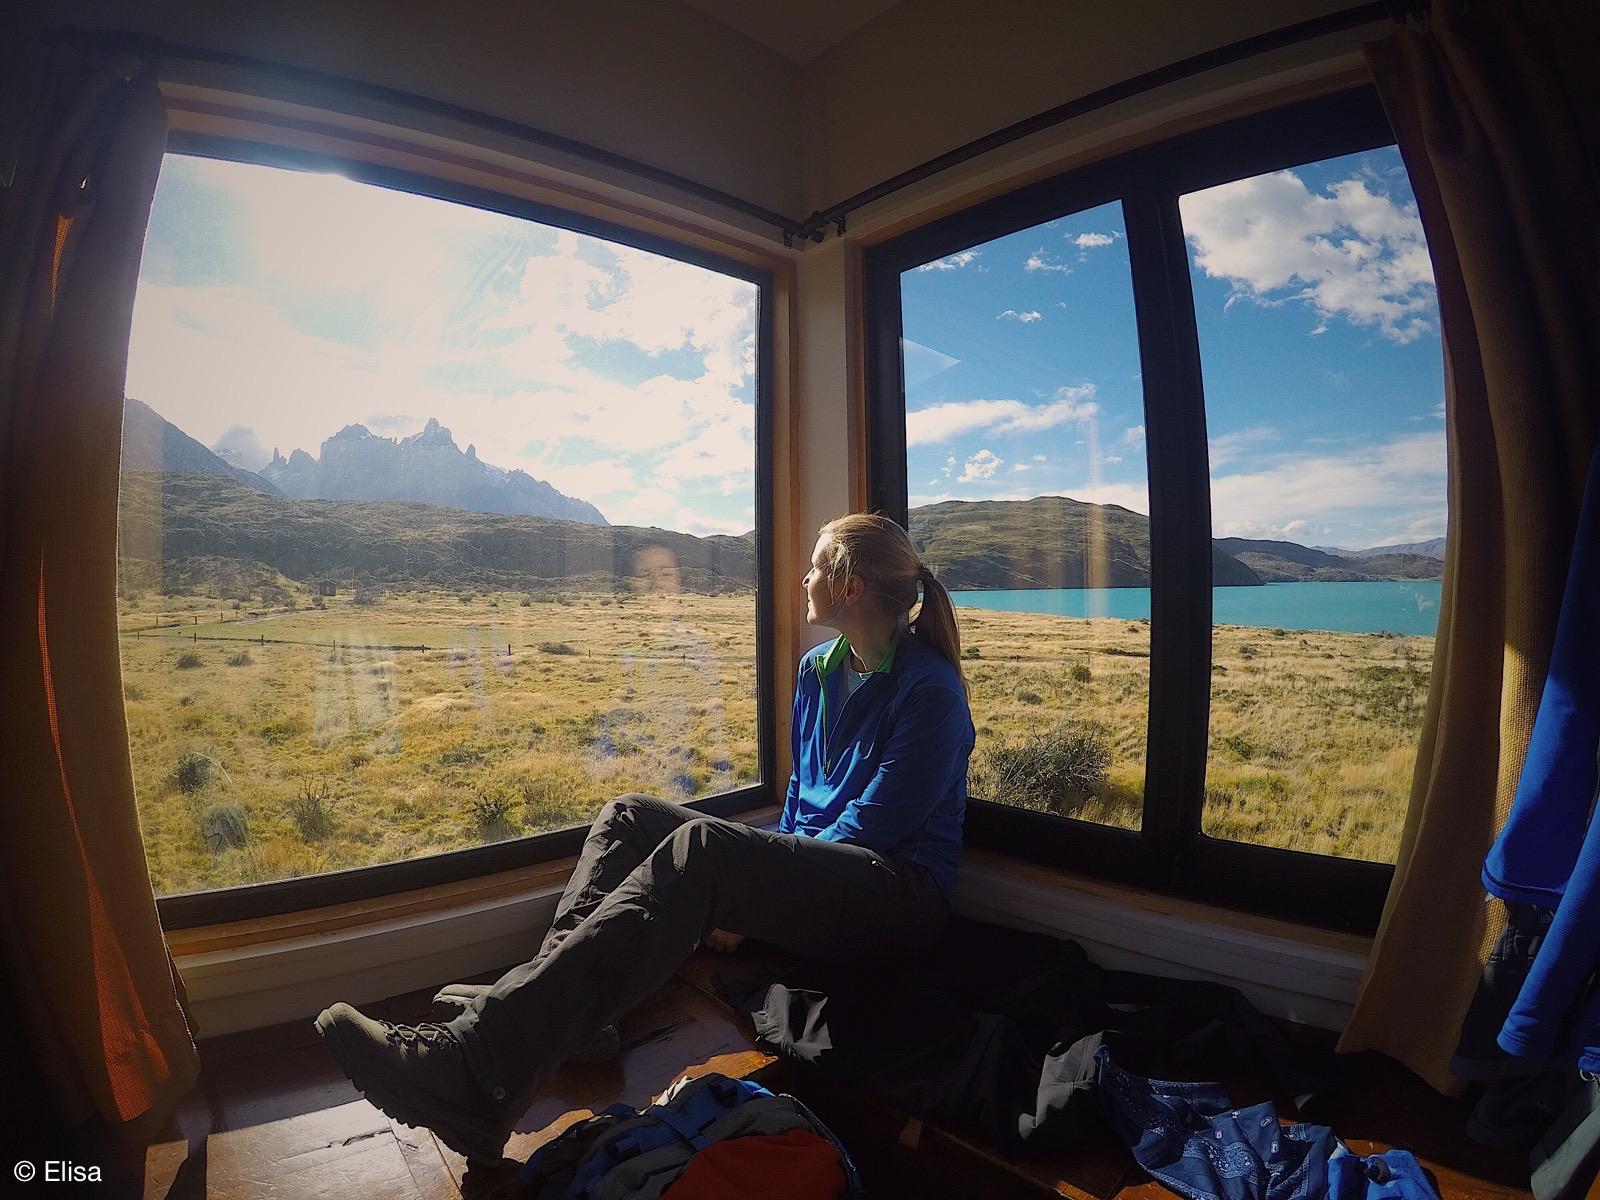 Ausruhen mit Ausblick – Torres del Paine Nationalpark